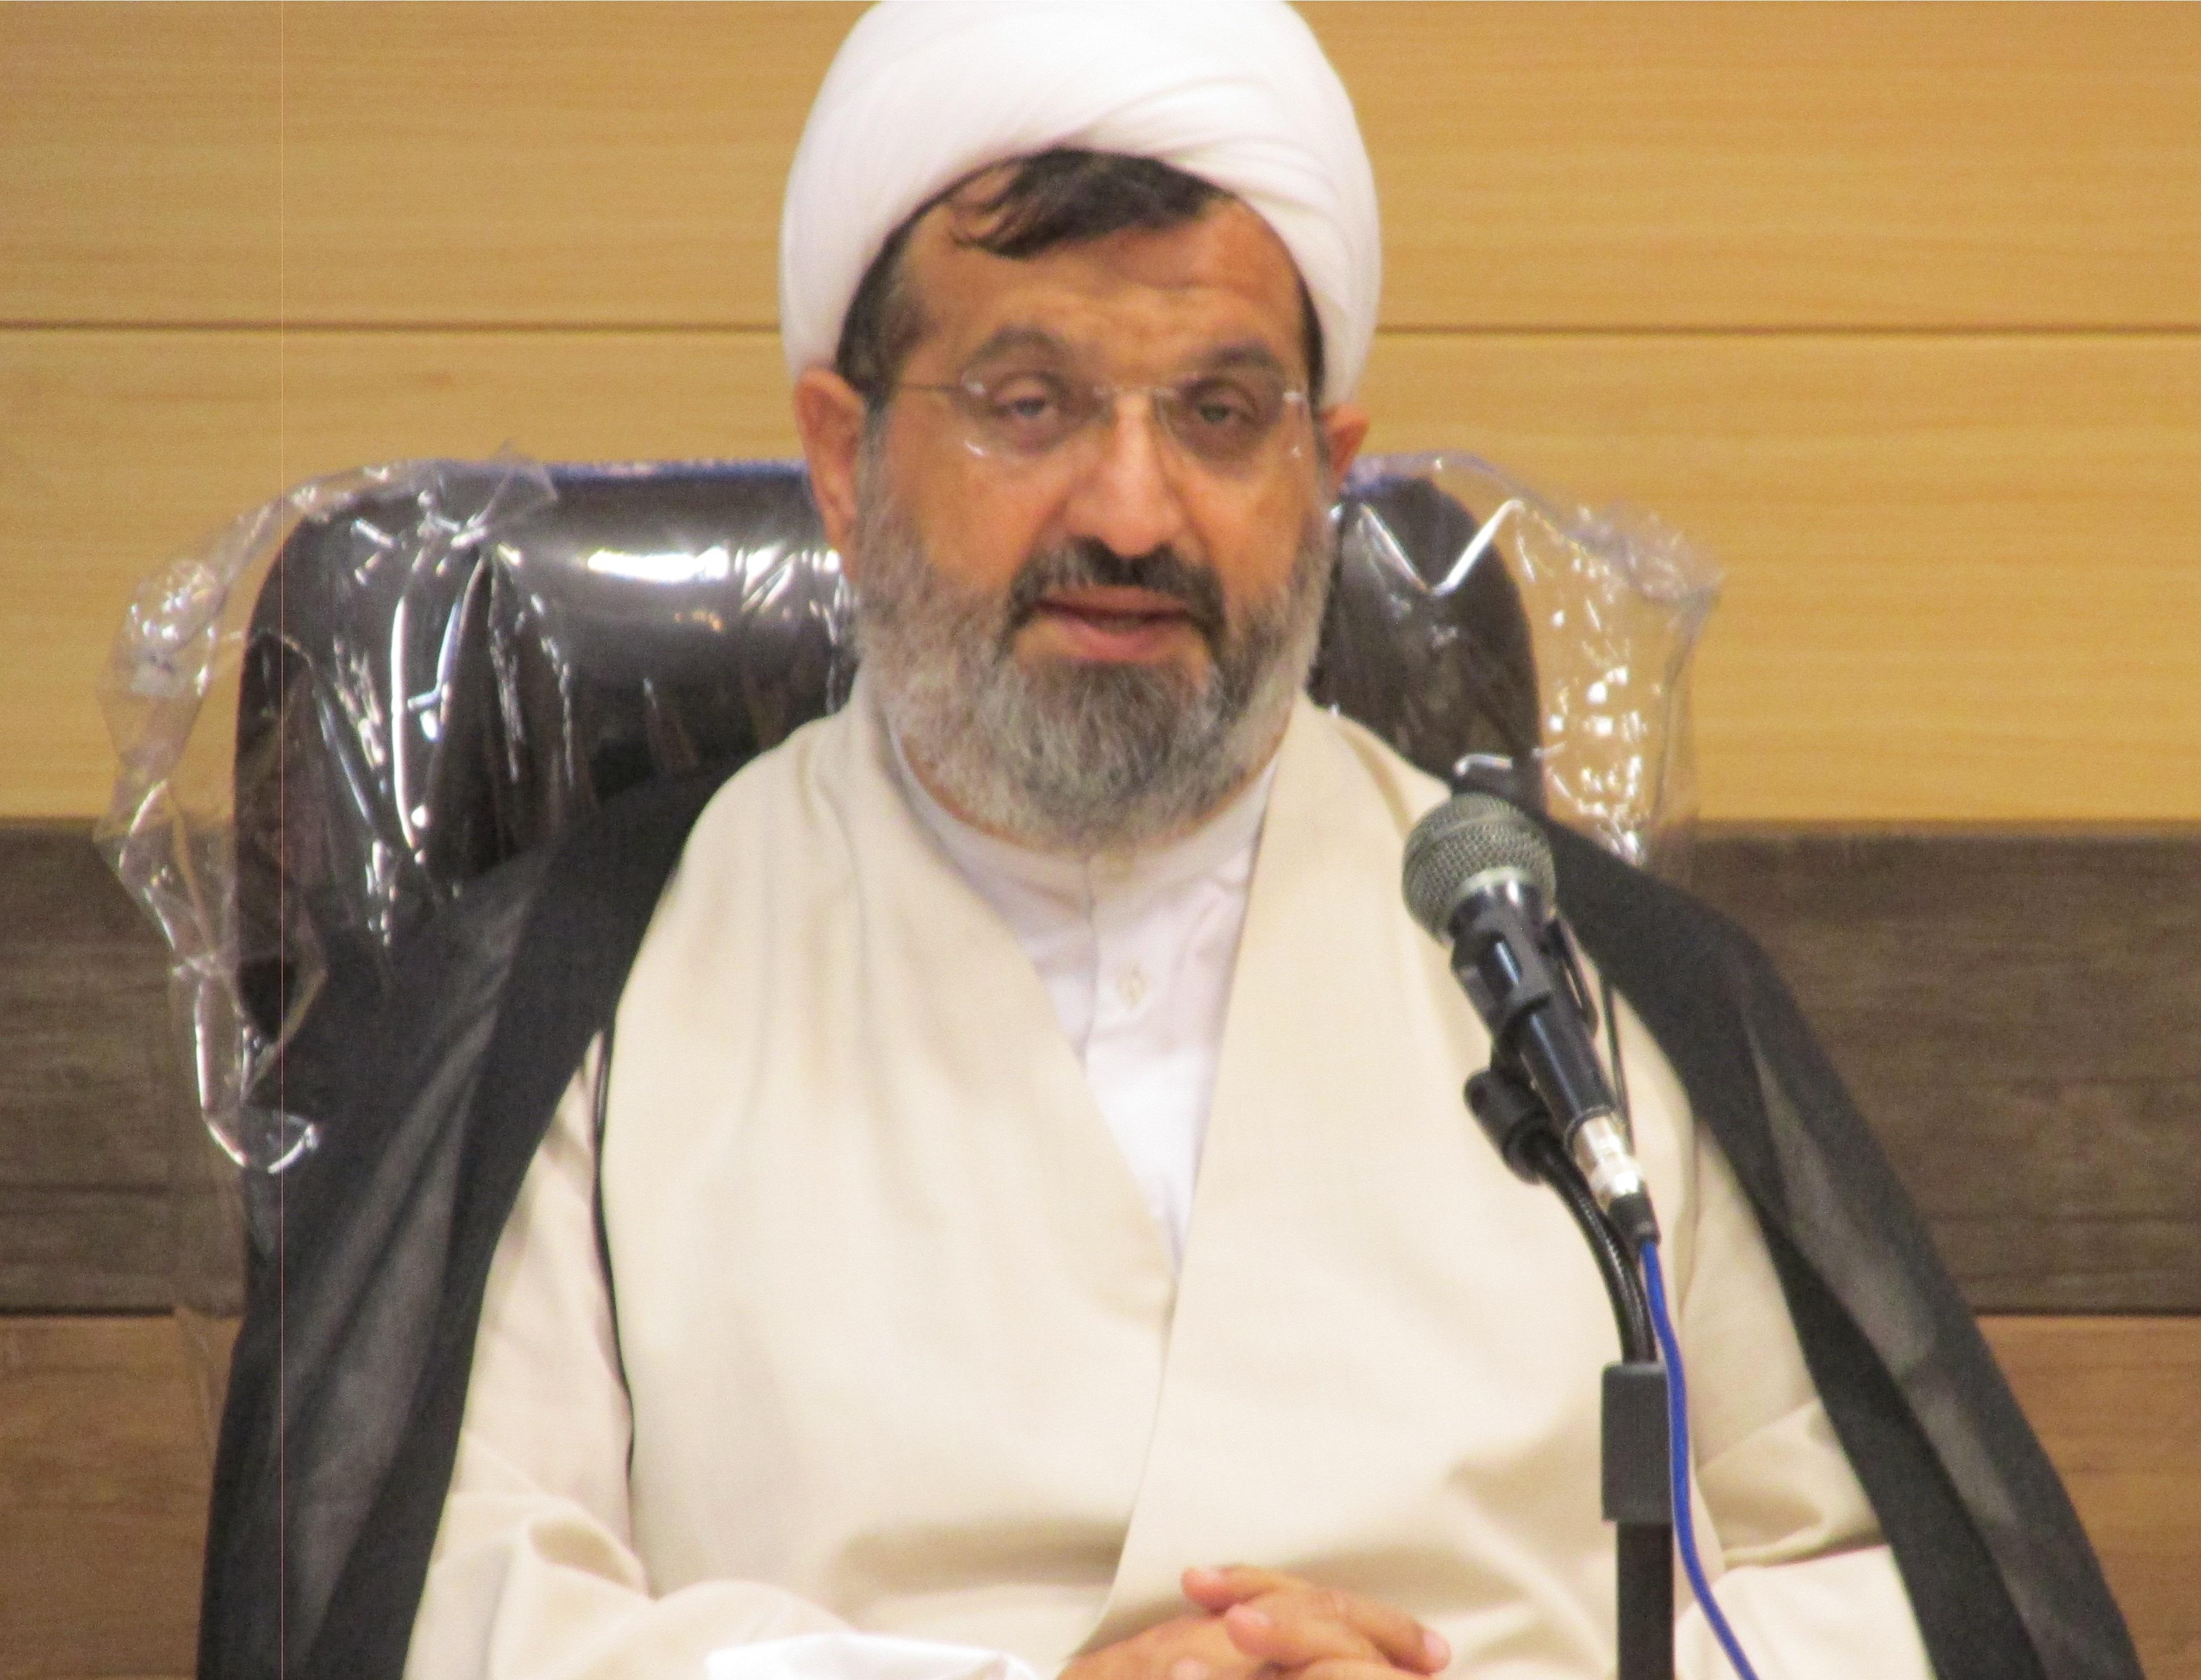 حجت الاسلام والمسلمین حسین انصاری